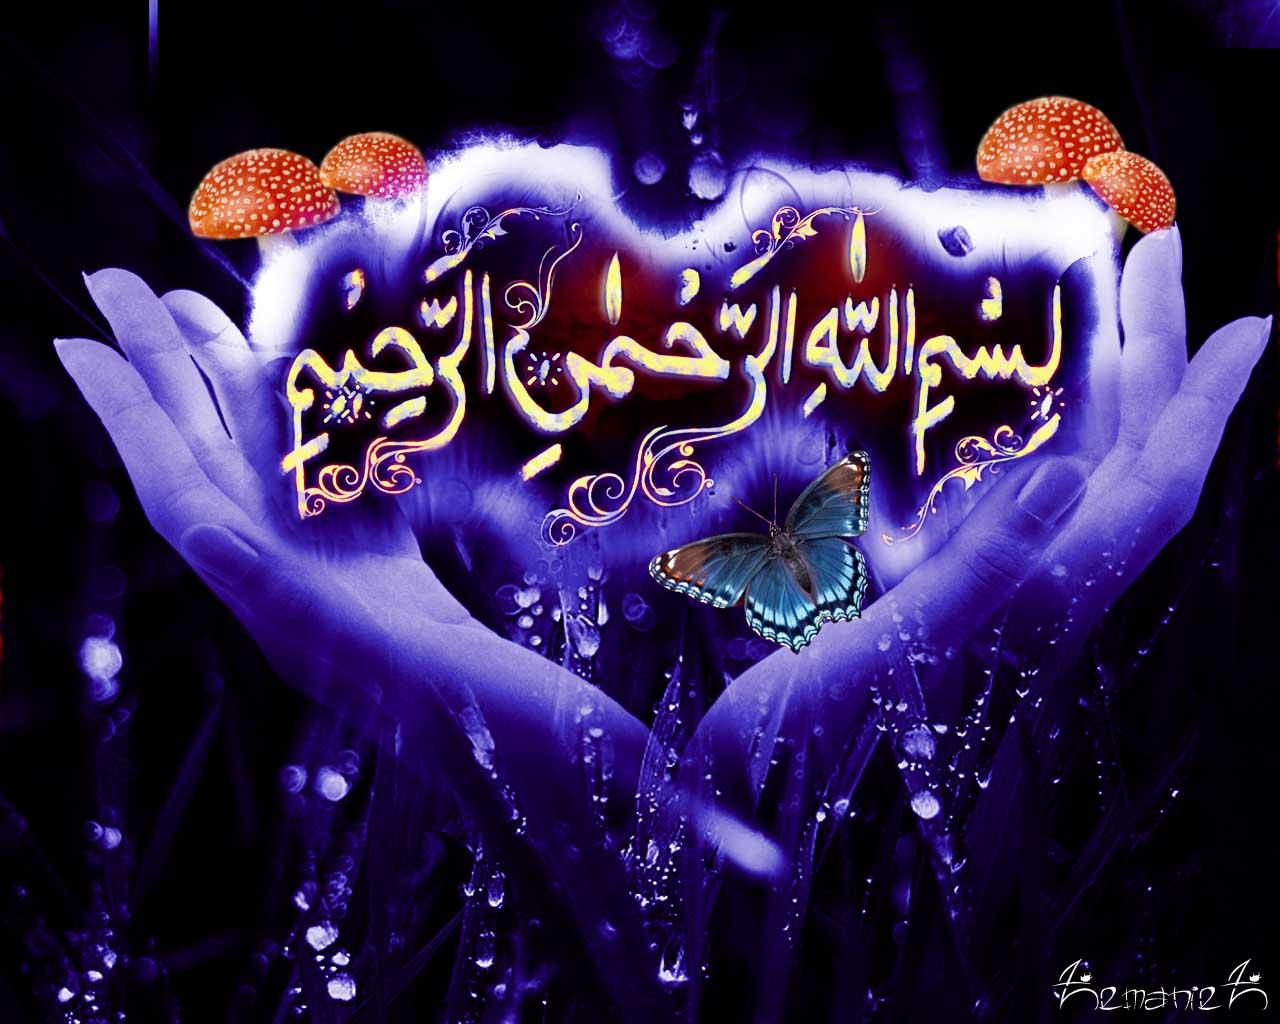 Wallpaper Kata Malam Jumat Islami 820496 Hd Wallpaper